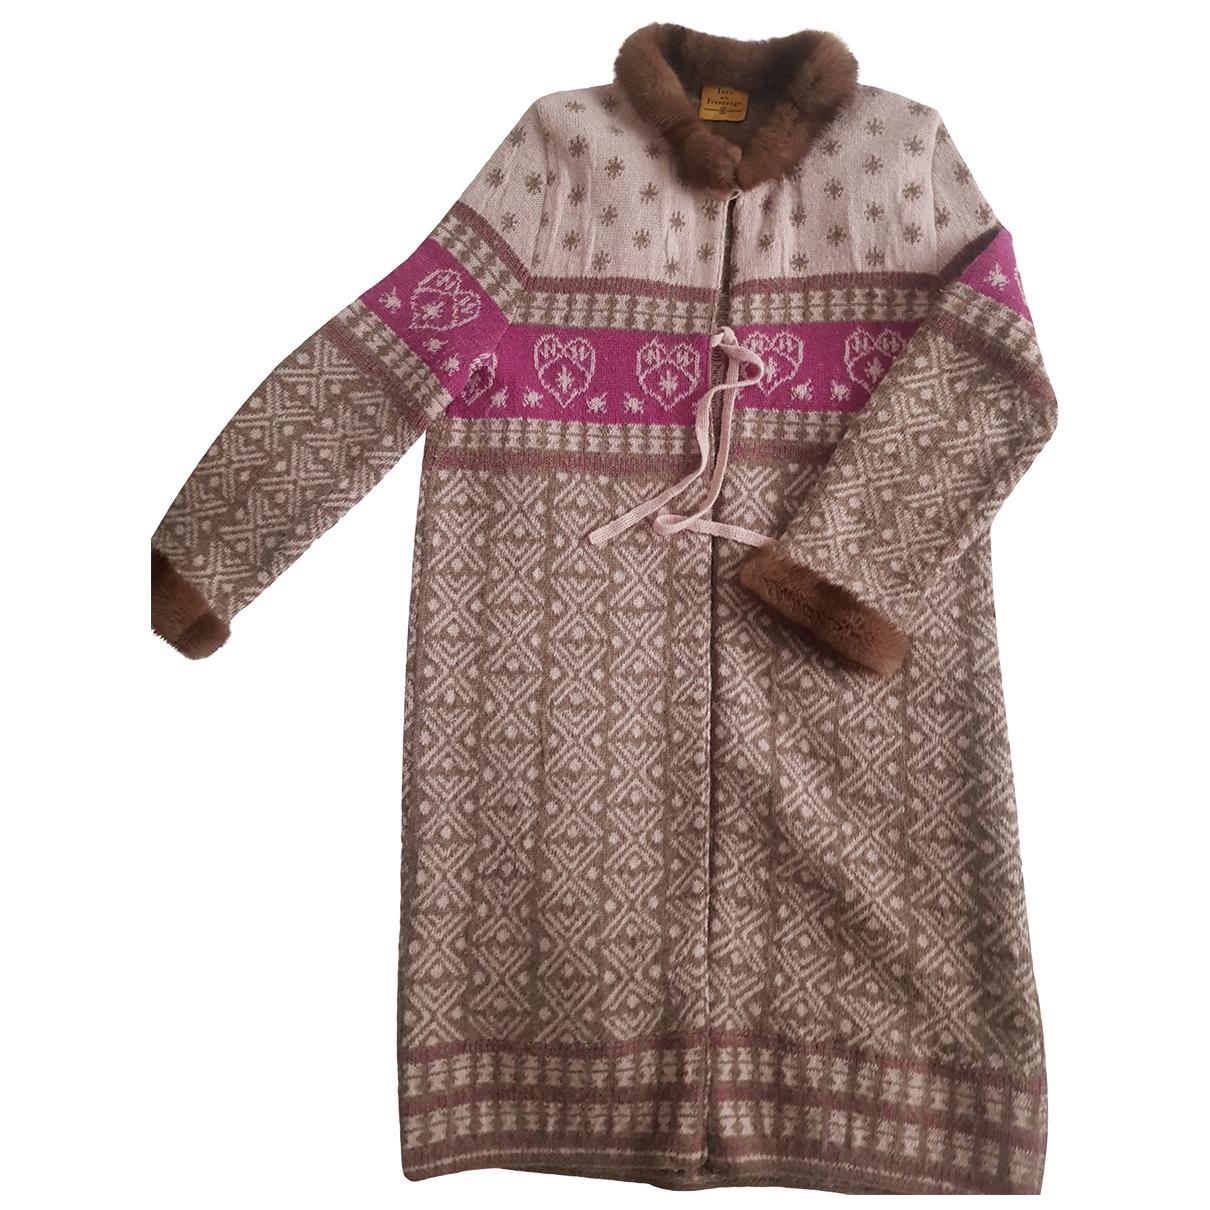 Ines De La Fressange Paris - Pull   pour femme en laine - multicolore